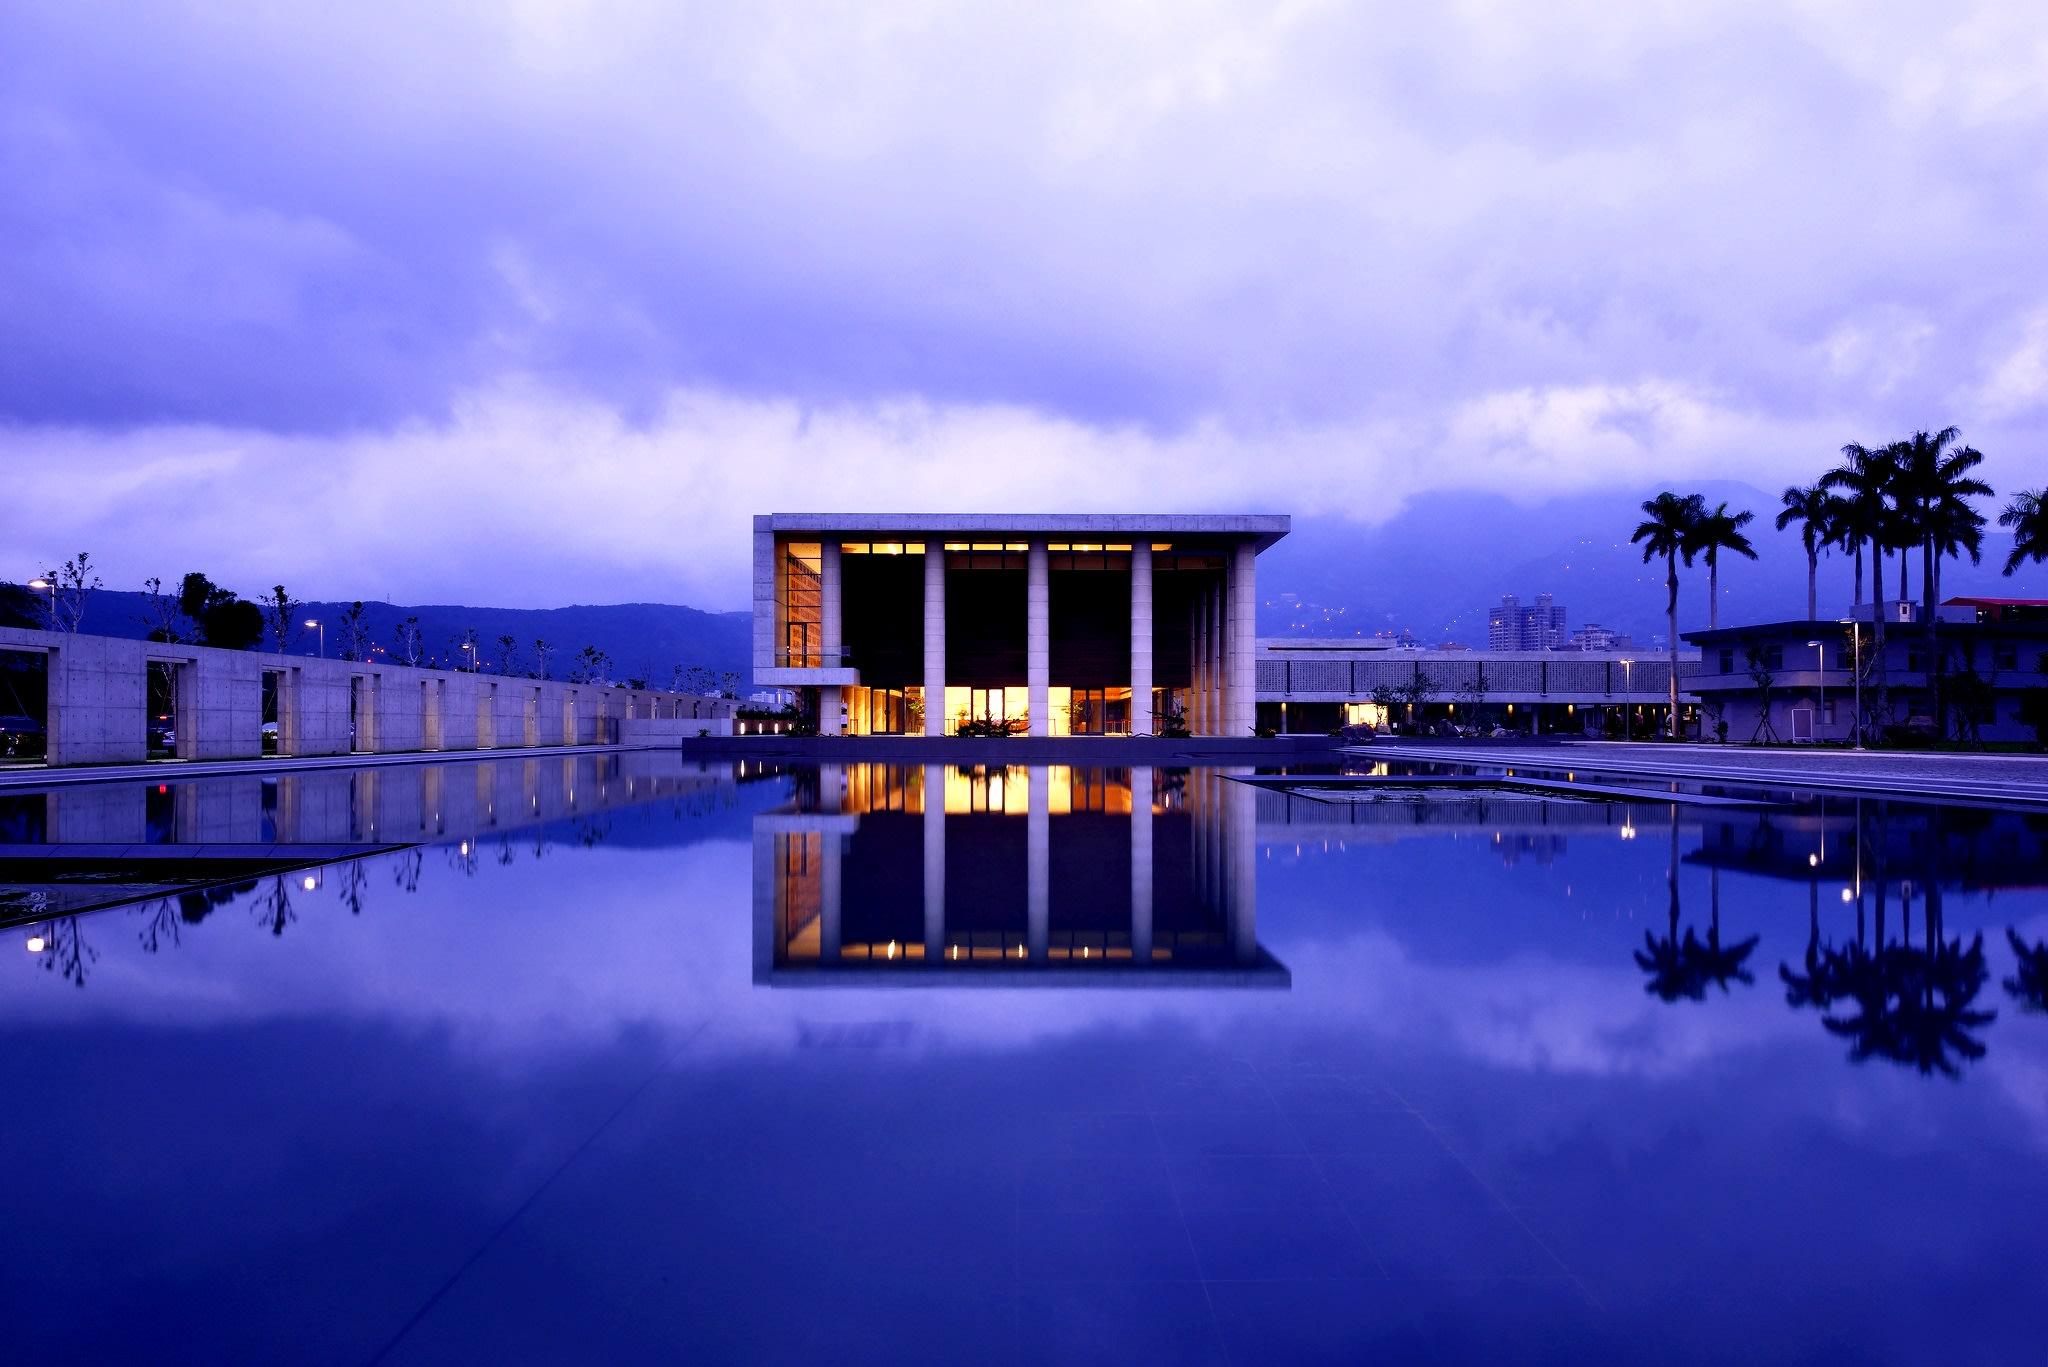 後方大殿與水月池相互輝映,此等美景令人流連忘返。